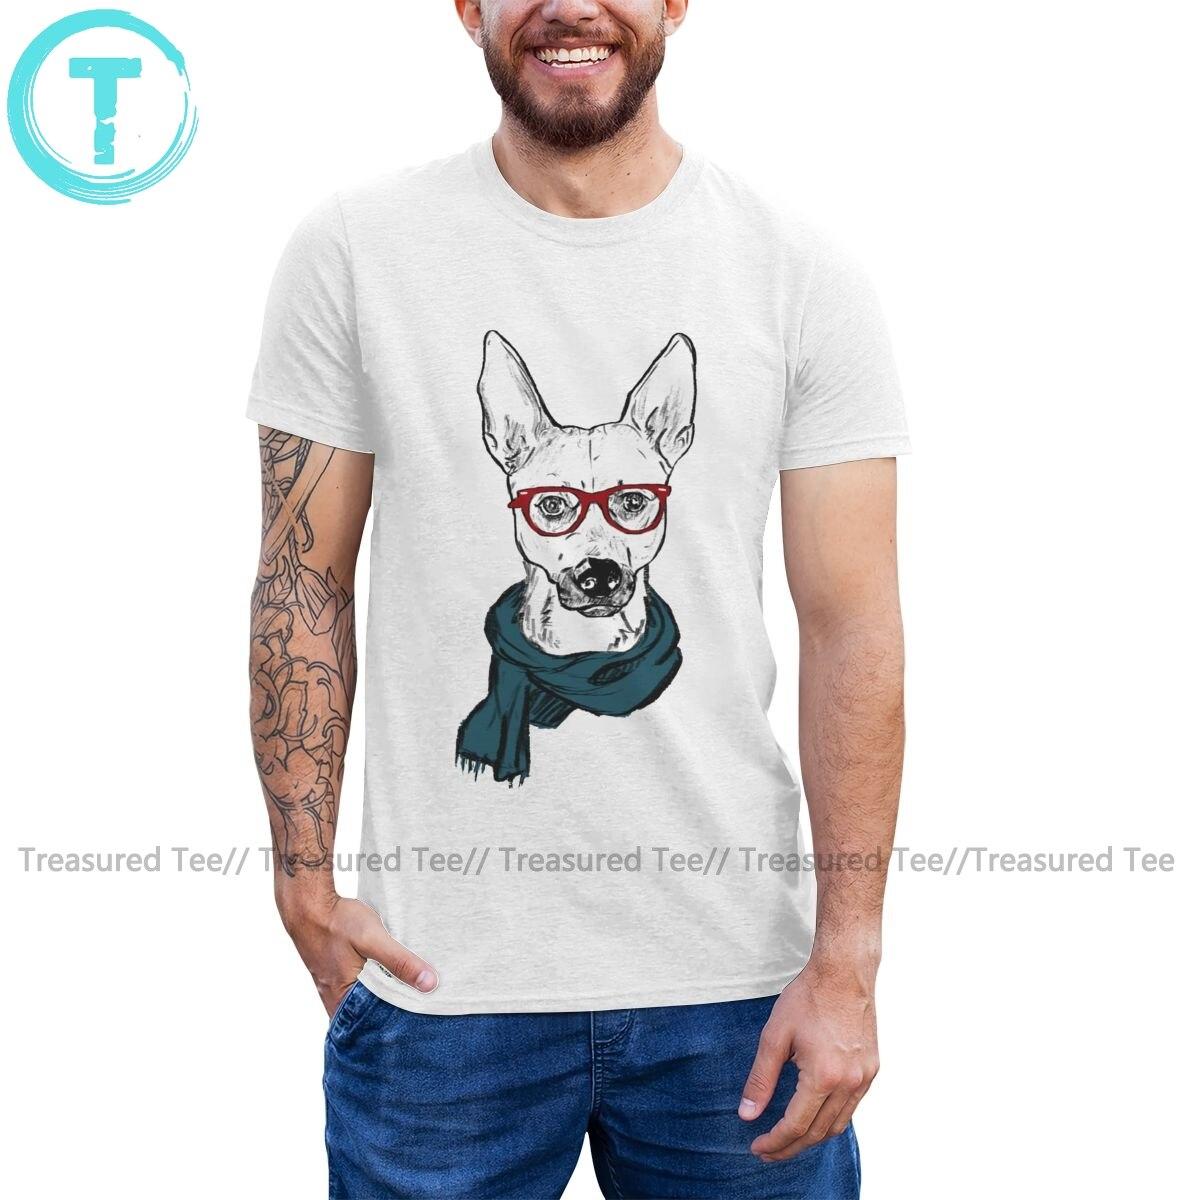 Camiseta de perro en blanco, Camiseta de algodón para hombre con diseño de Hip Mutt, camiseta de manga corta con gráfico bonito, talla grande